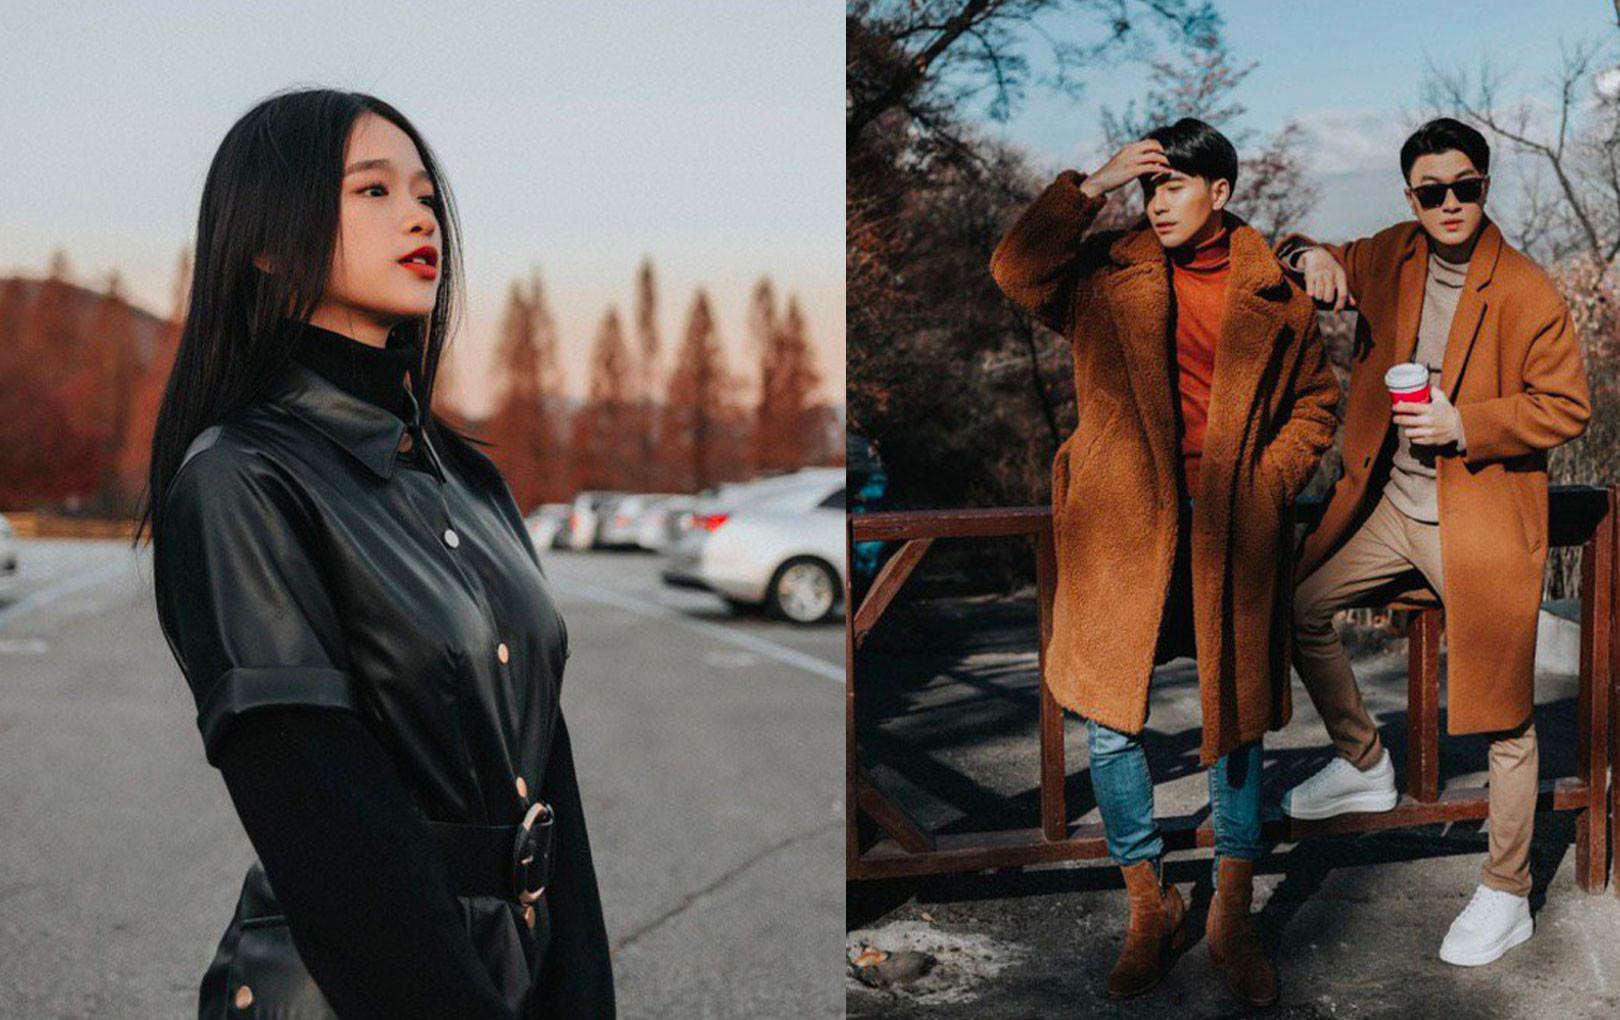 Will và Linh Ka đi Hàn cùng nhóm bạn thân nghệ sĩ giữa tin đồn hẹn hò, vẫn có thái độ bất di bất dịch